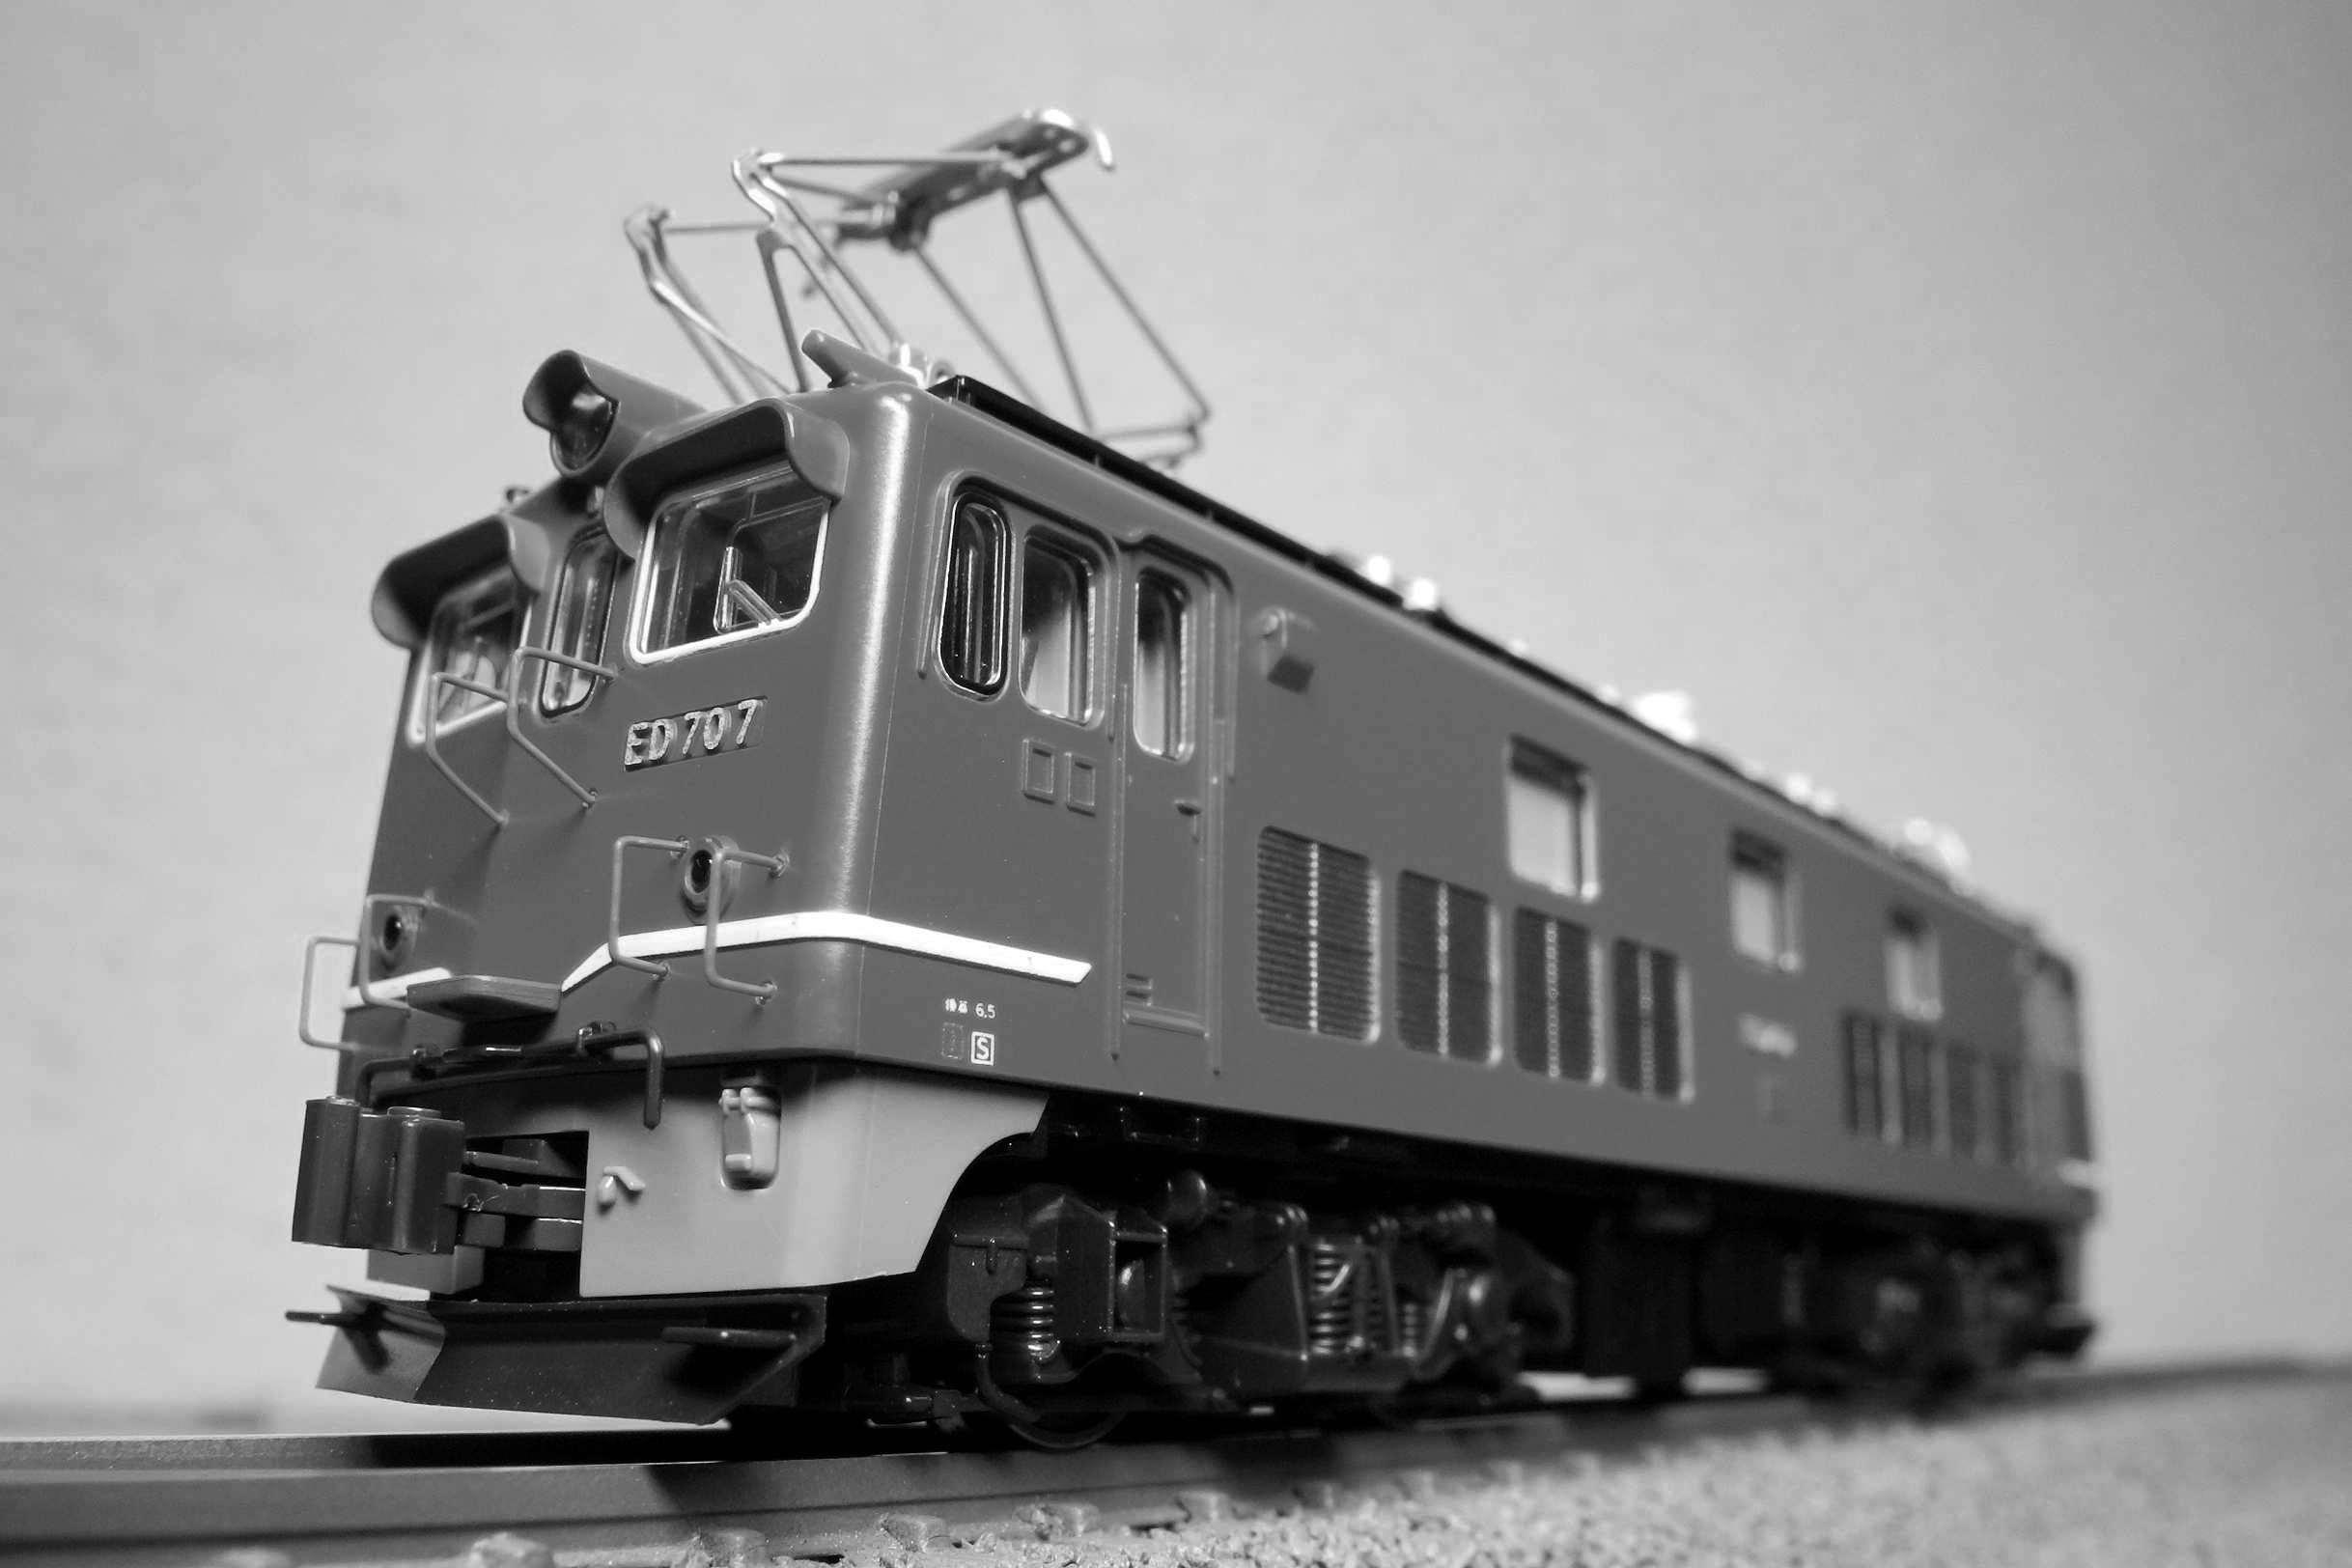 DSCN8635-2.jpg